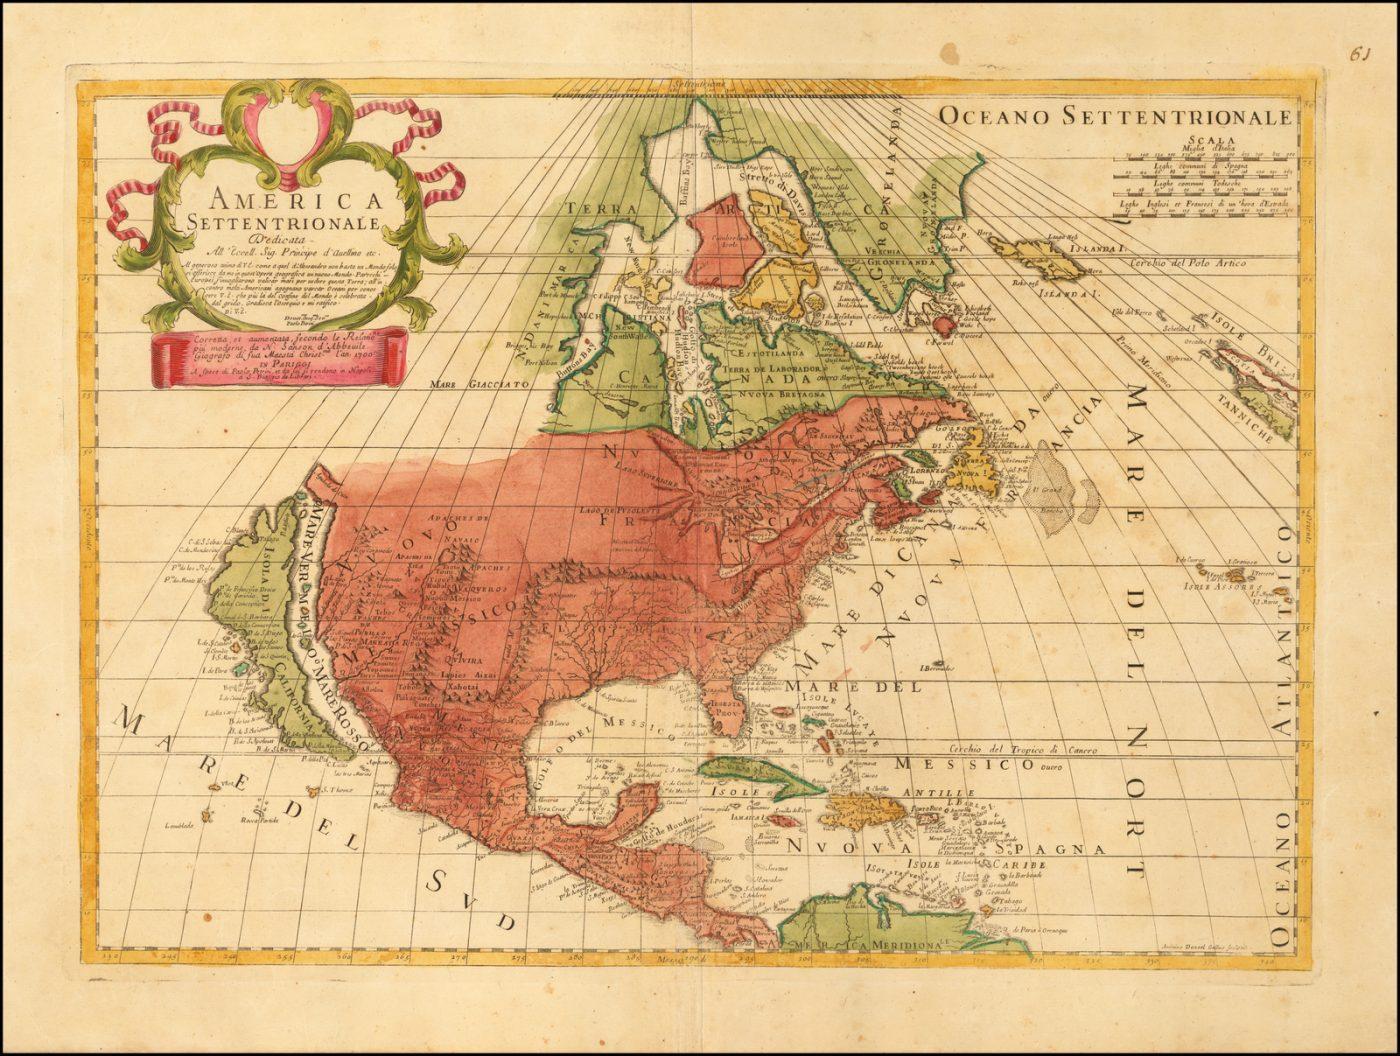 Редкая карта Северной Америки работы Паоло Петрини